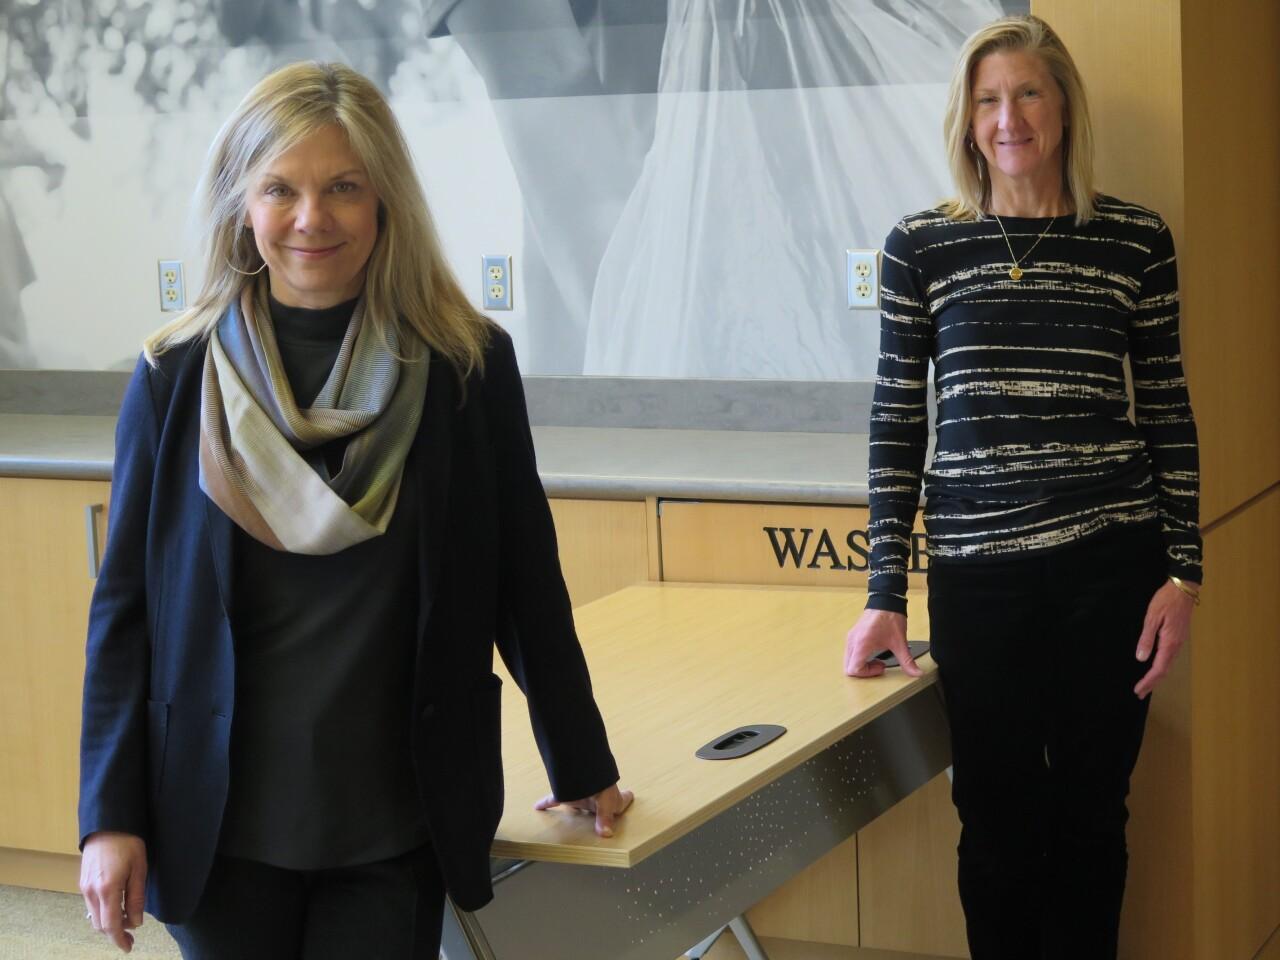 Ellen_Katz_and_Moira_Weir.JPG